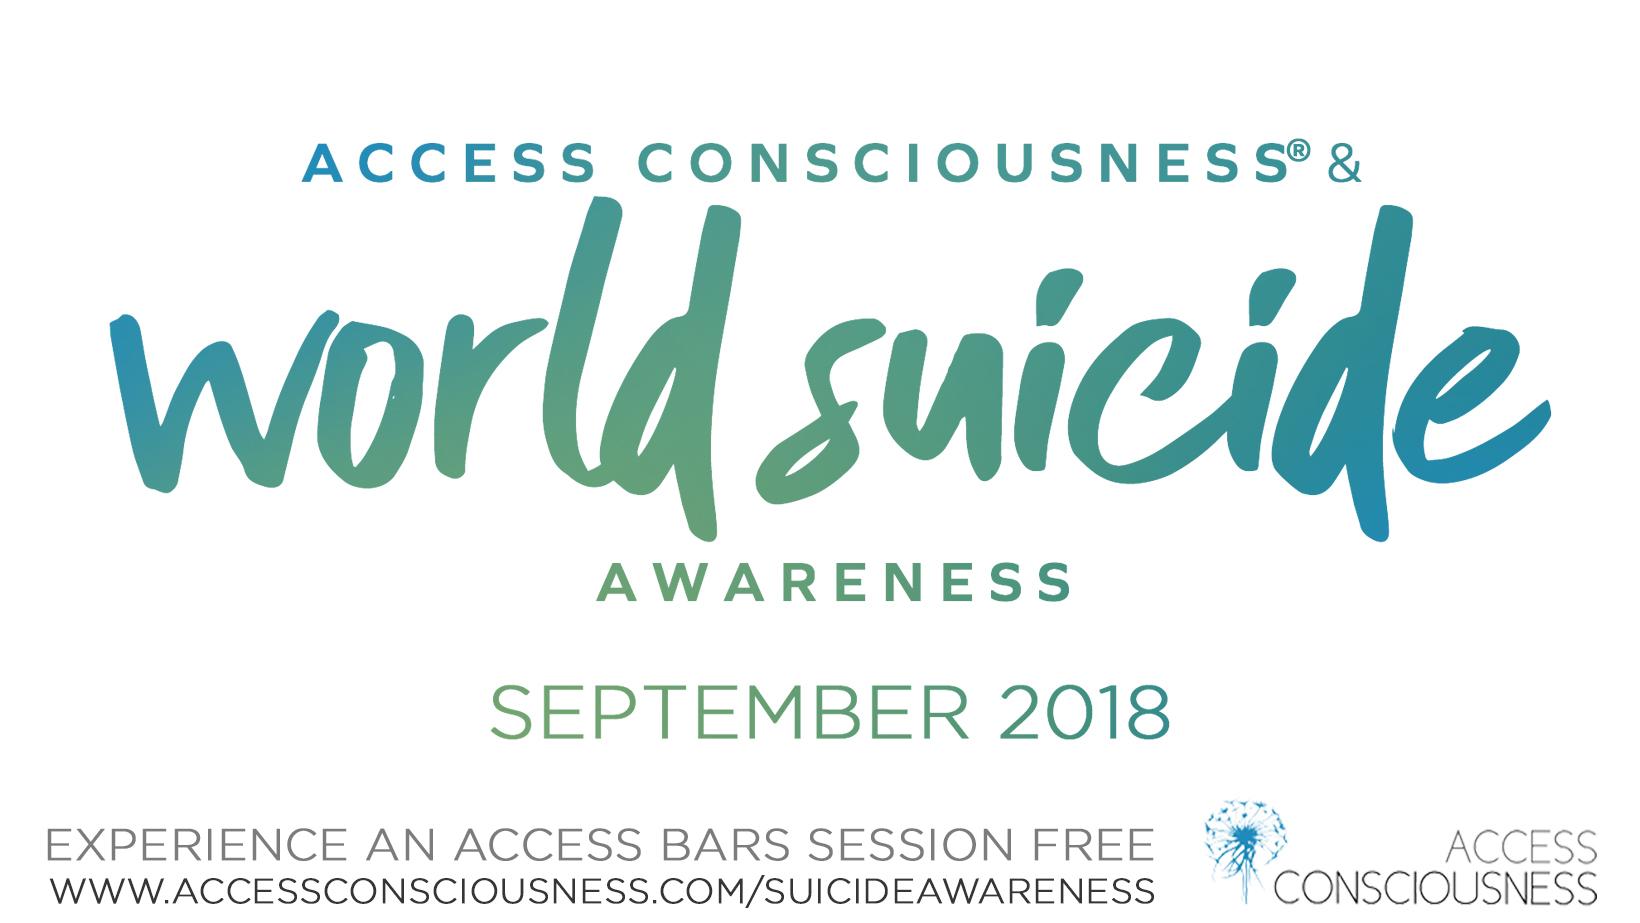 WorldSuicideAwareness_GroupBanner-1